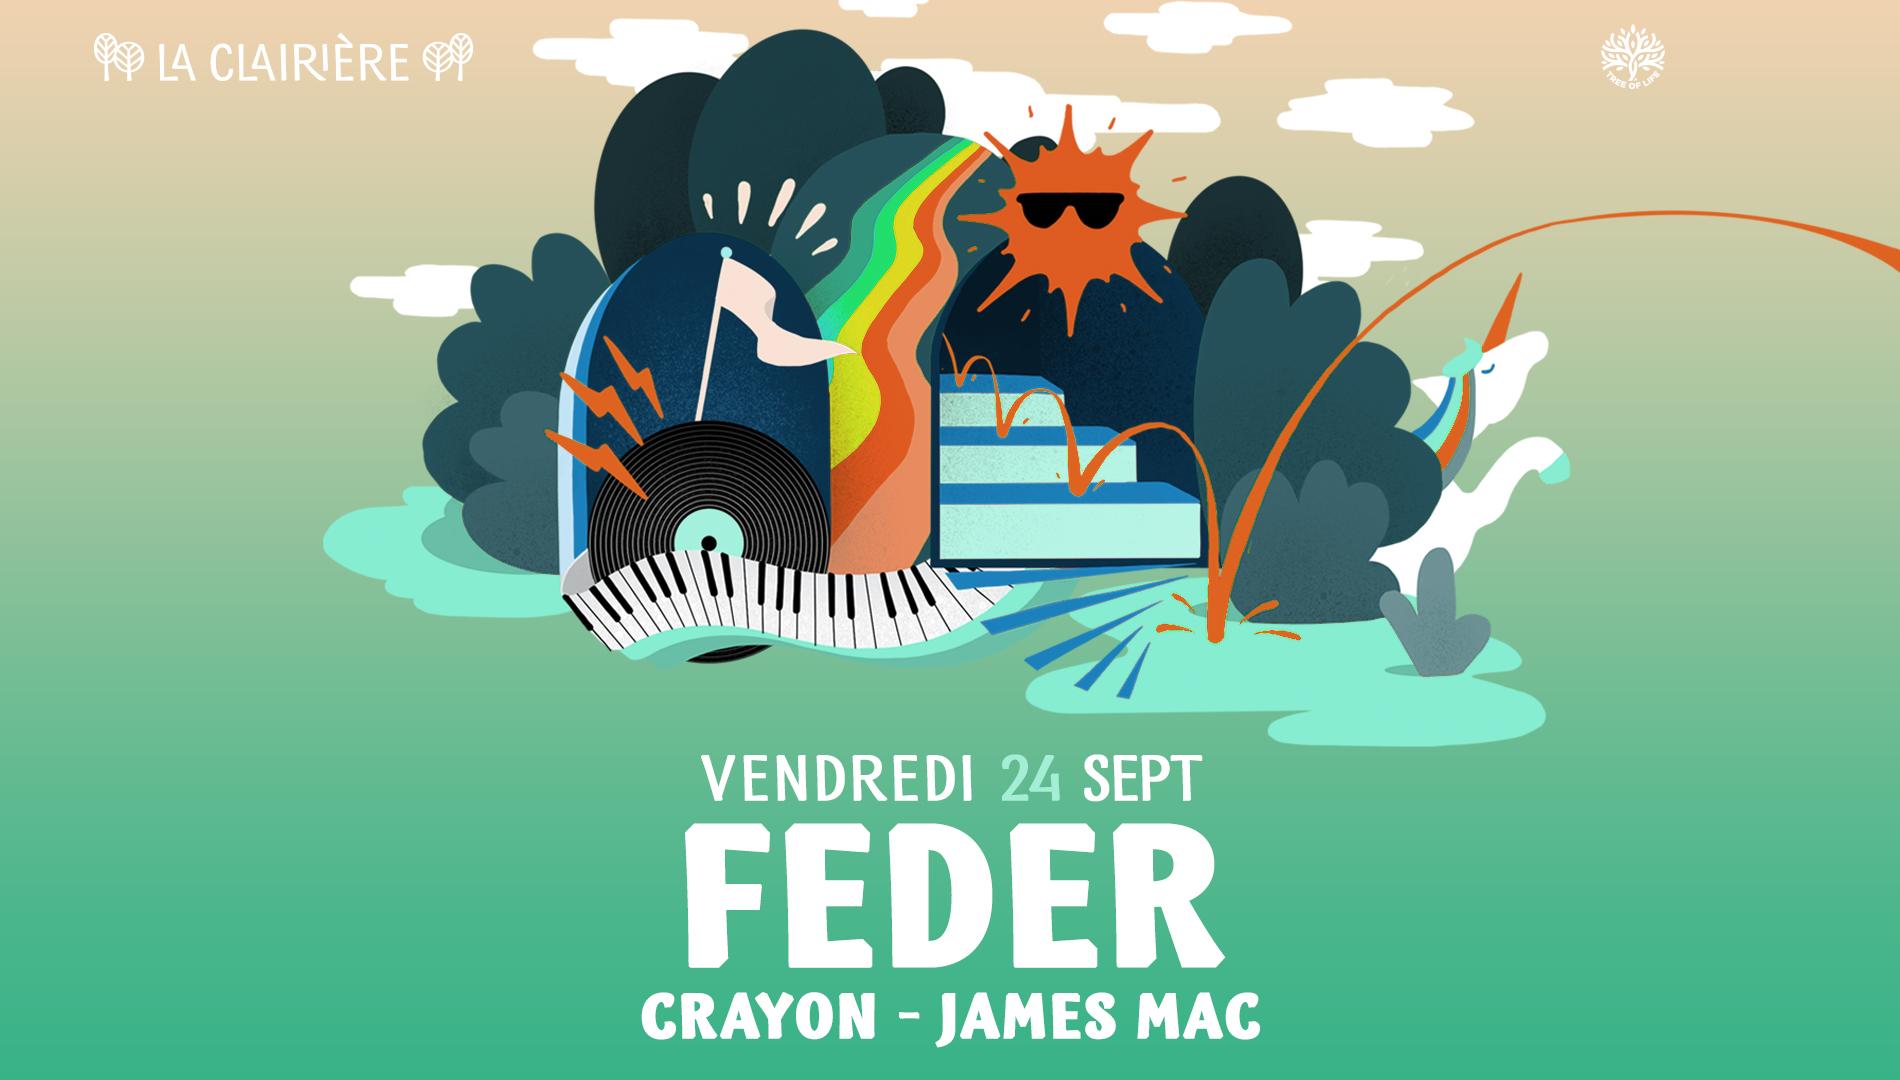 La Clairière : FEDER & Friends